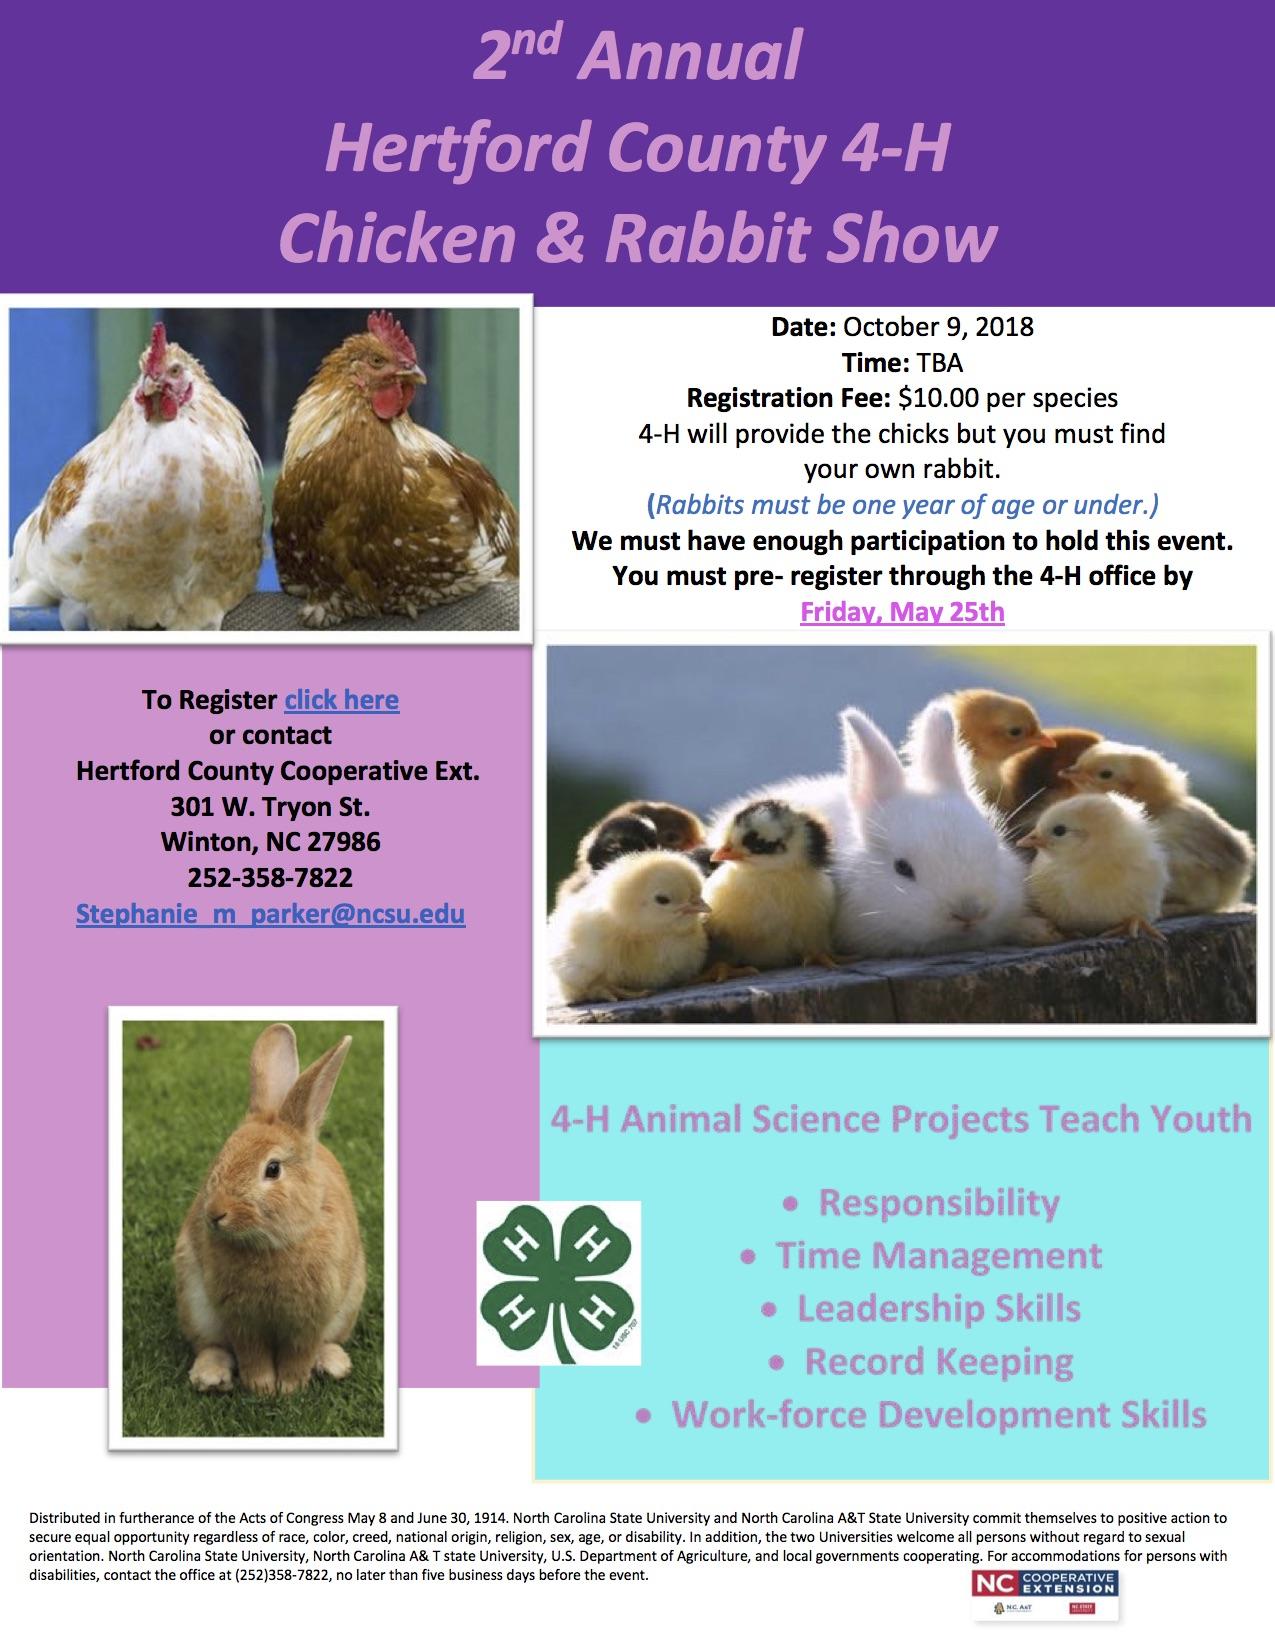 Hertford County 4-H Chicken & Rabbit Show